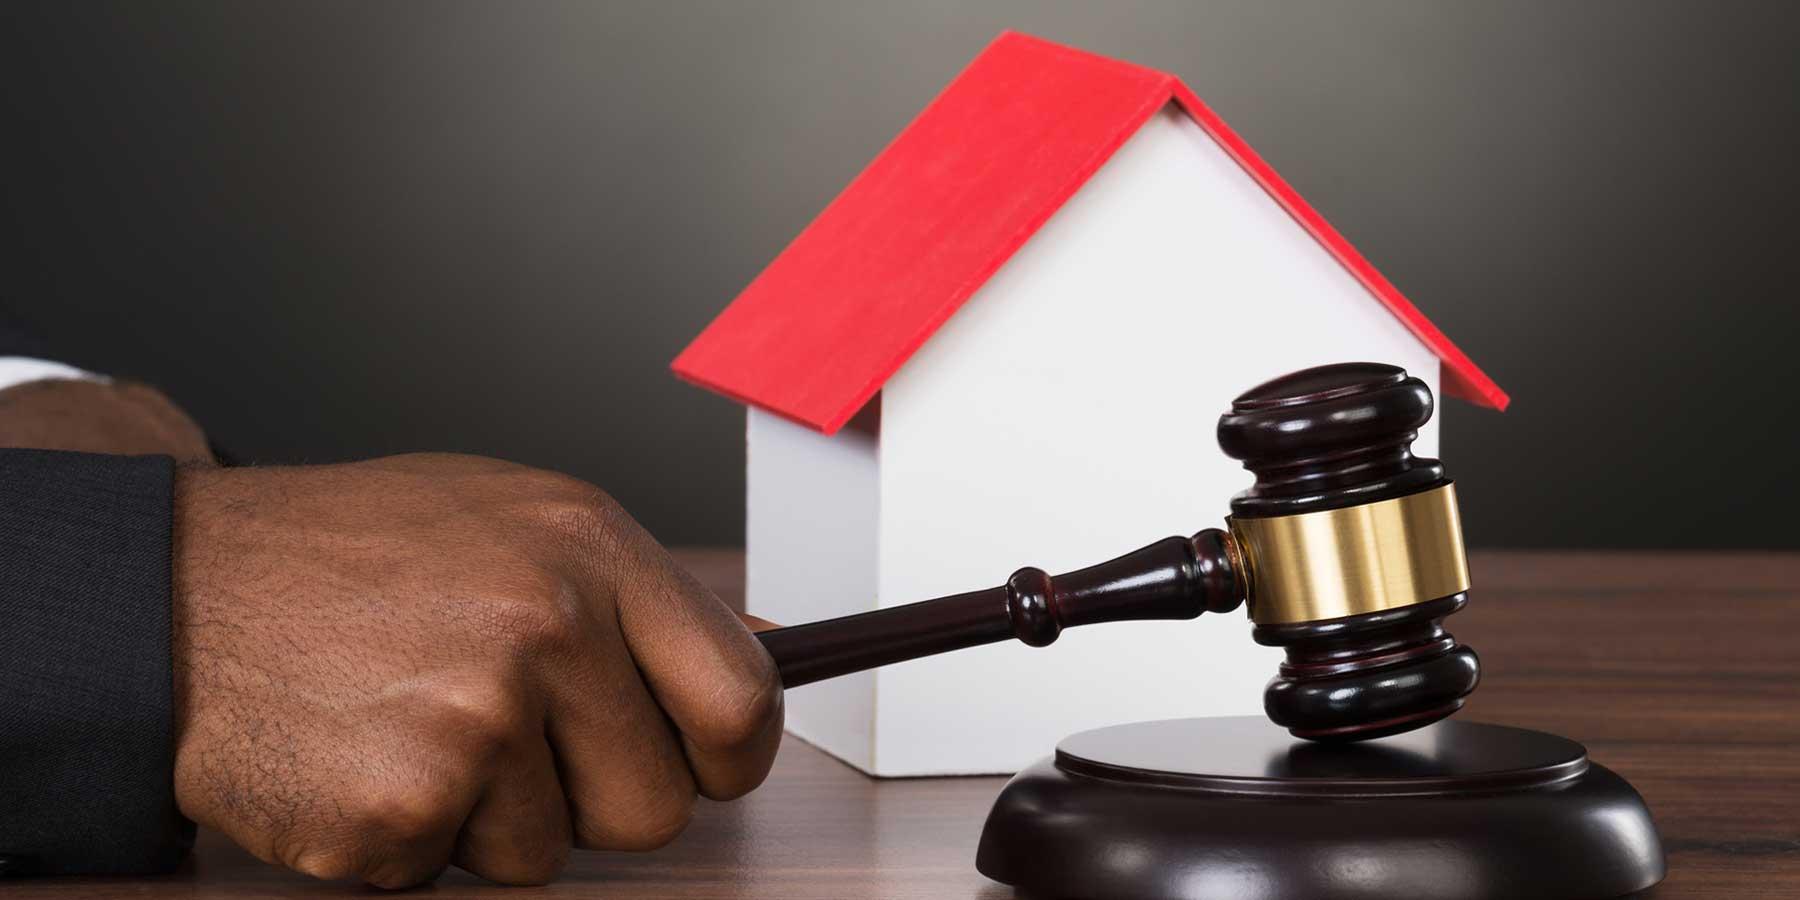 immobilier-juridique